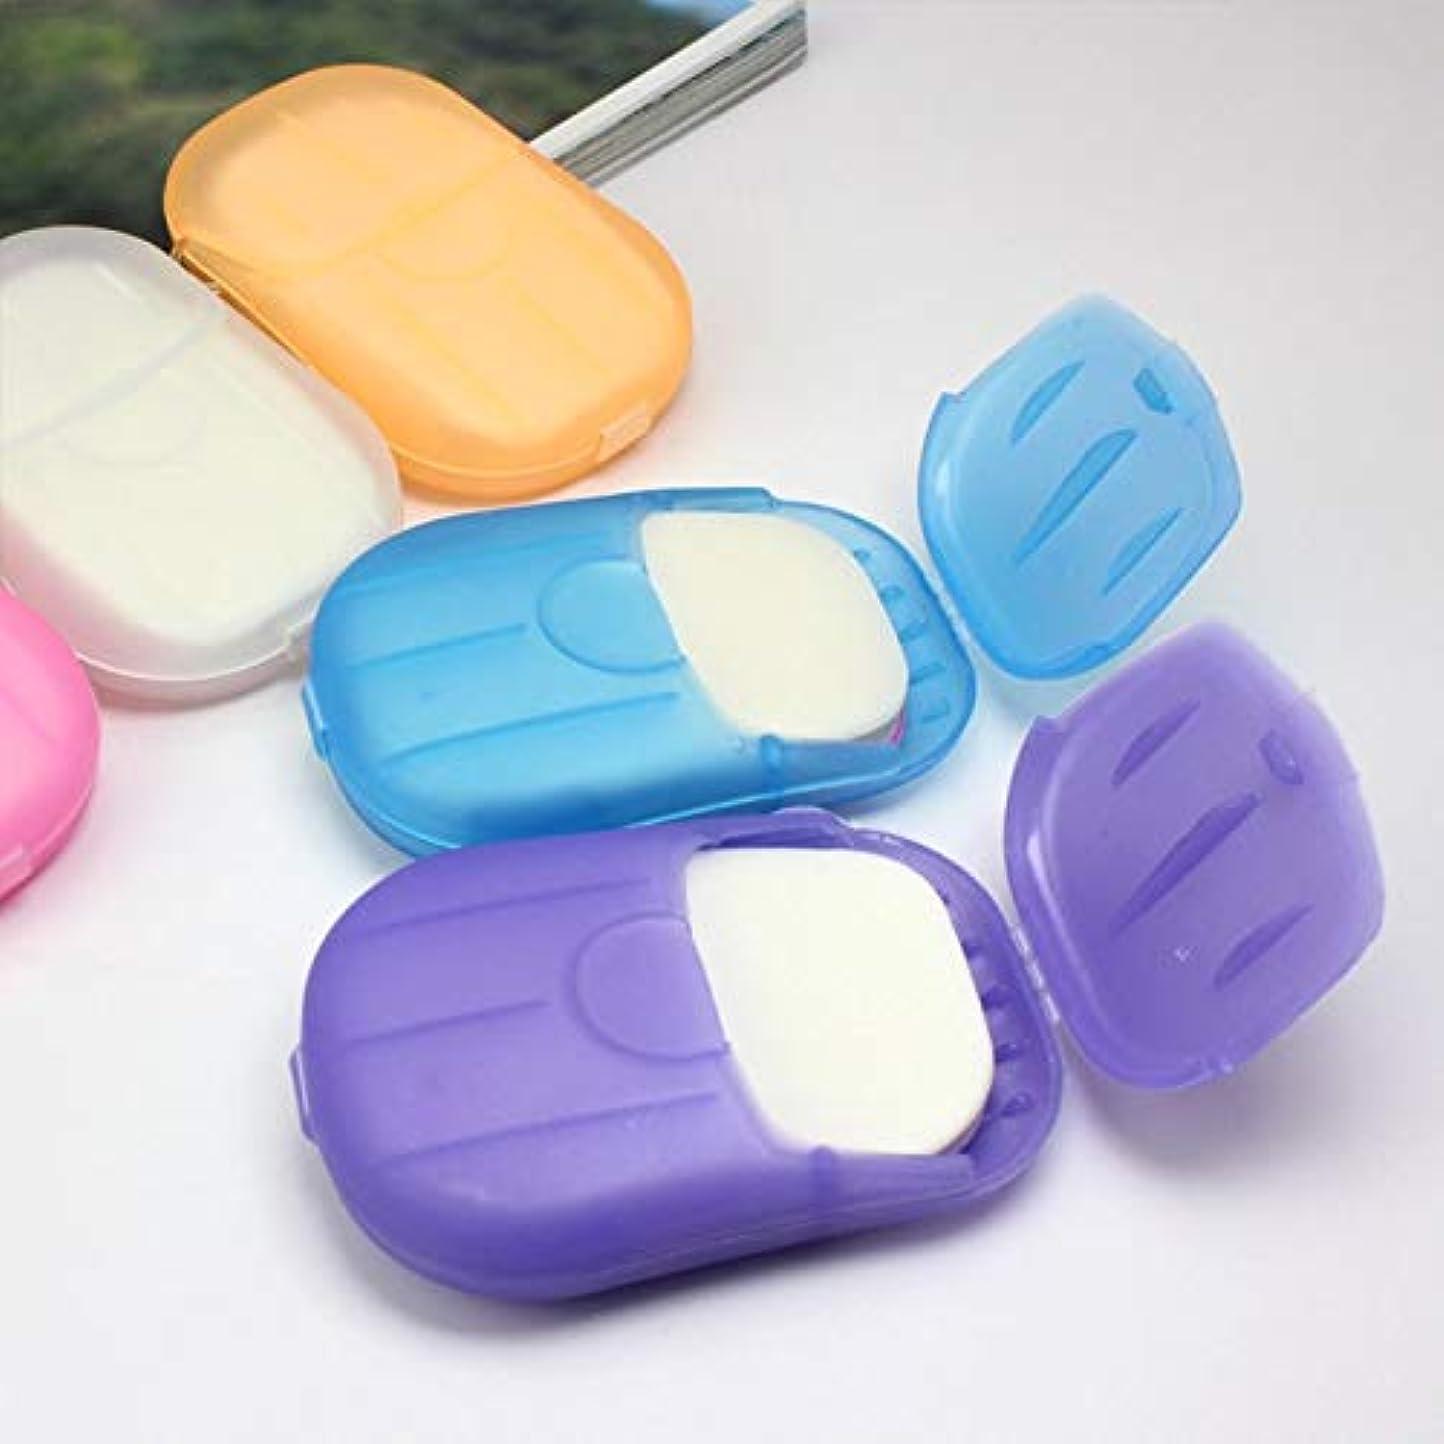 寺院アーティキュレーション冷蔵庫20 Pcs Paper Soap Outdoor Travel Bath Soap Tablets Portable Hand-washing